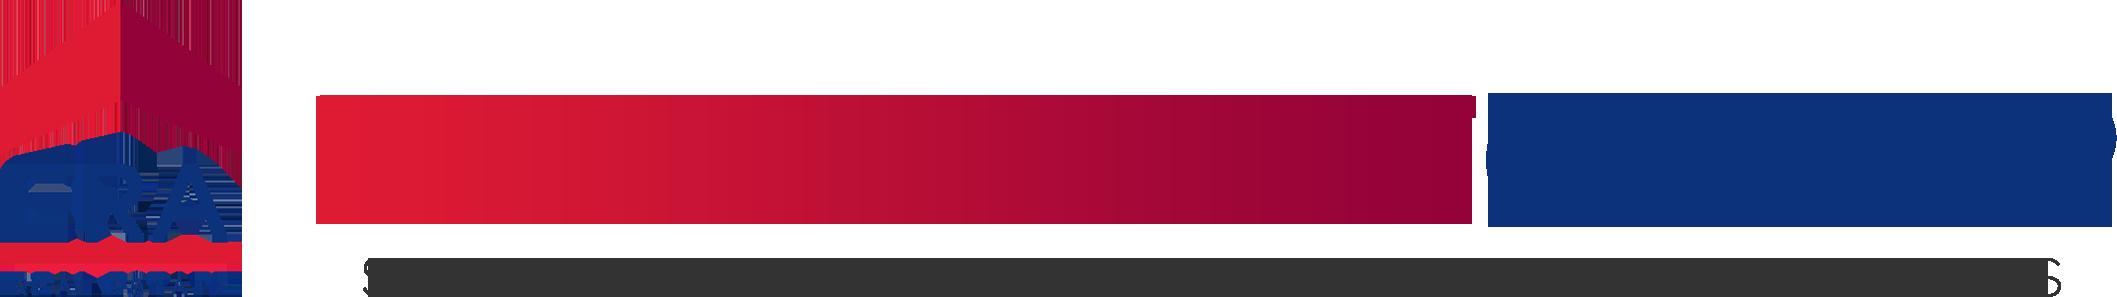 PG group Logo